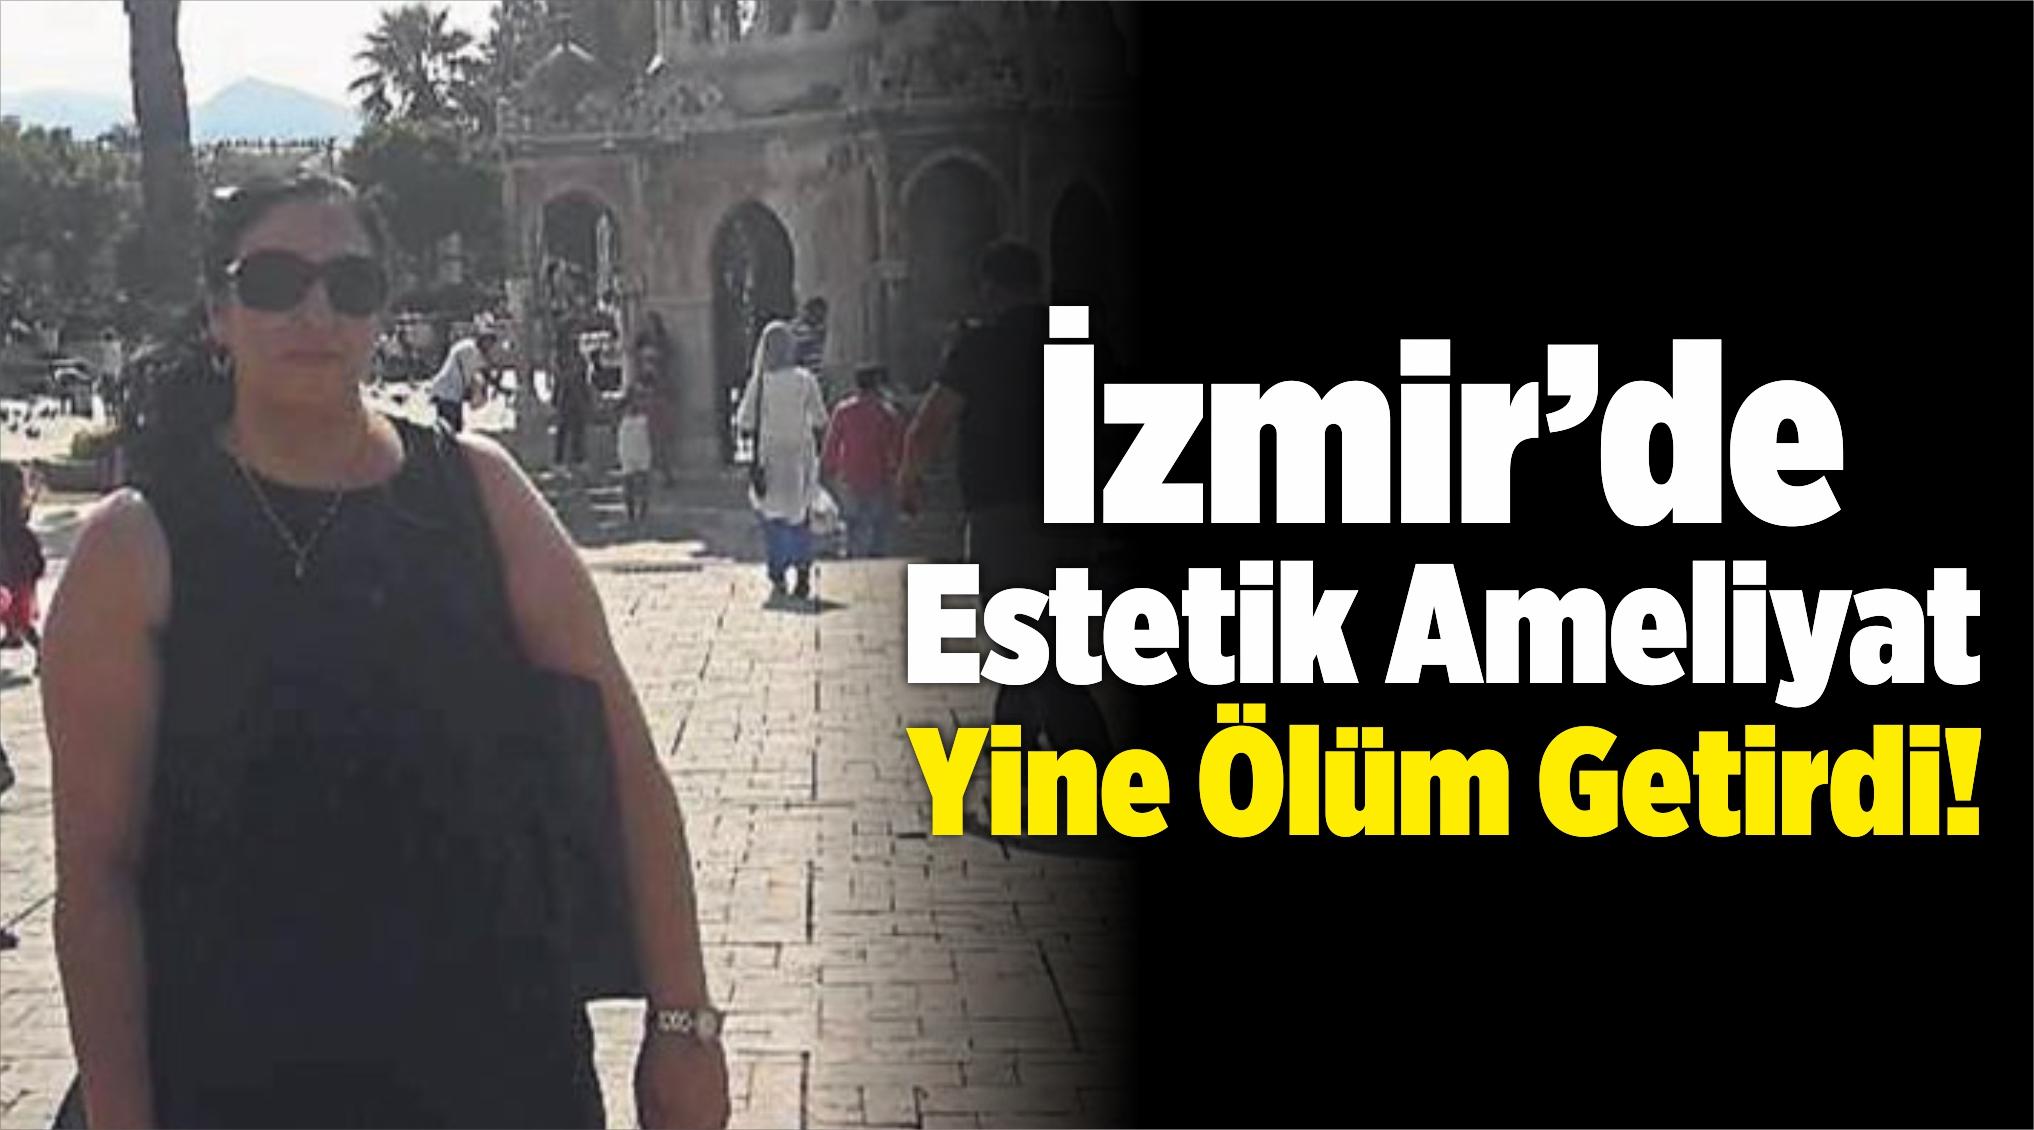 İzmir'de Estetik Ameliyatı Yine Ölüm Getirdi!